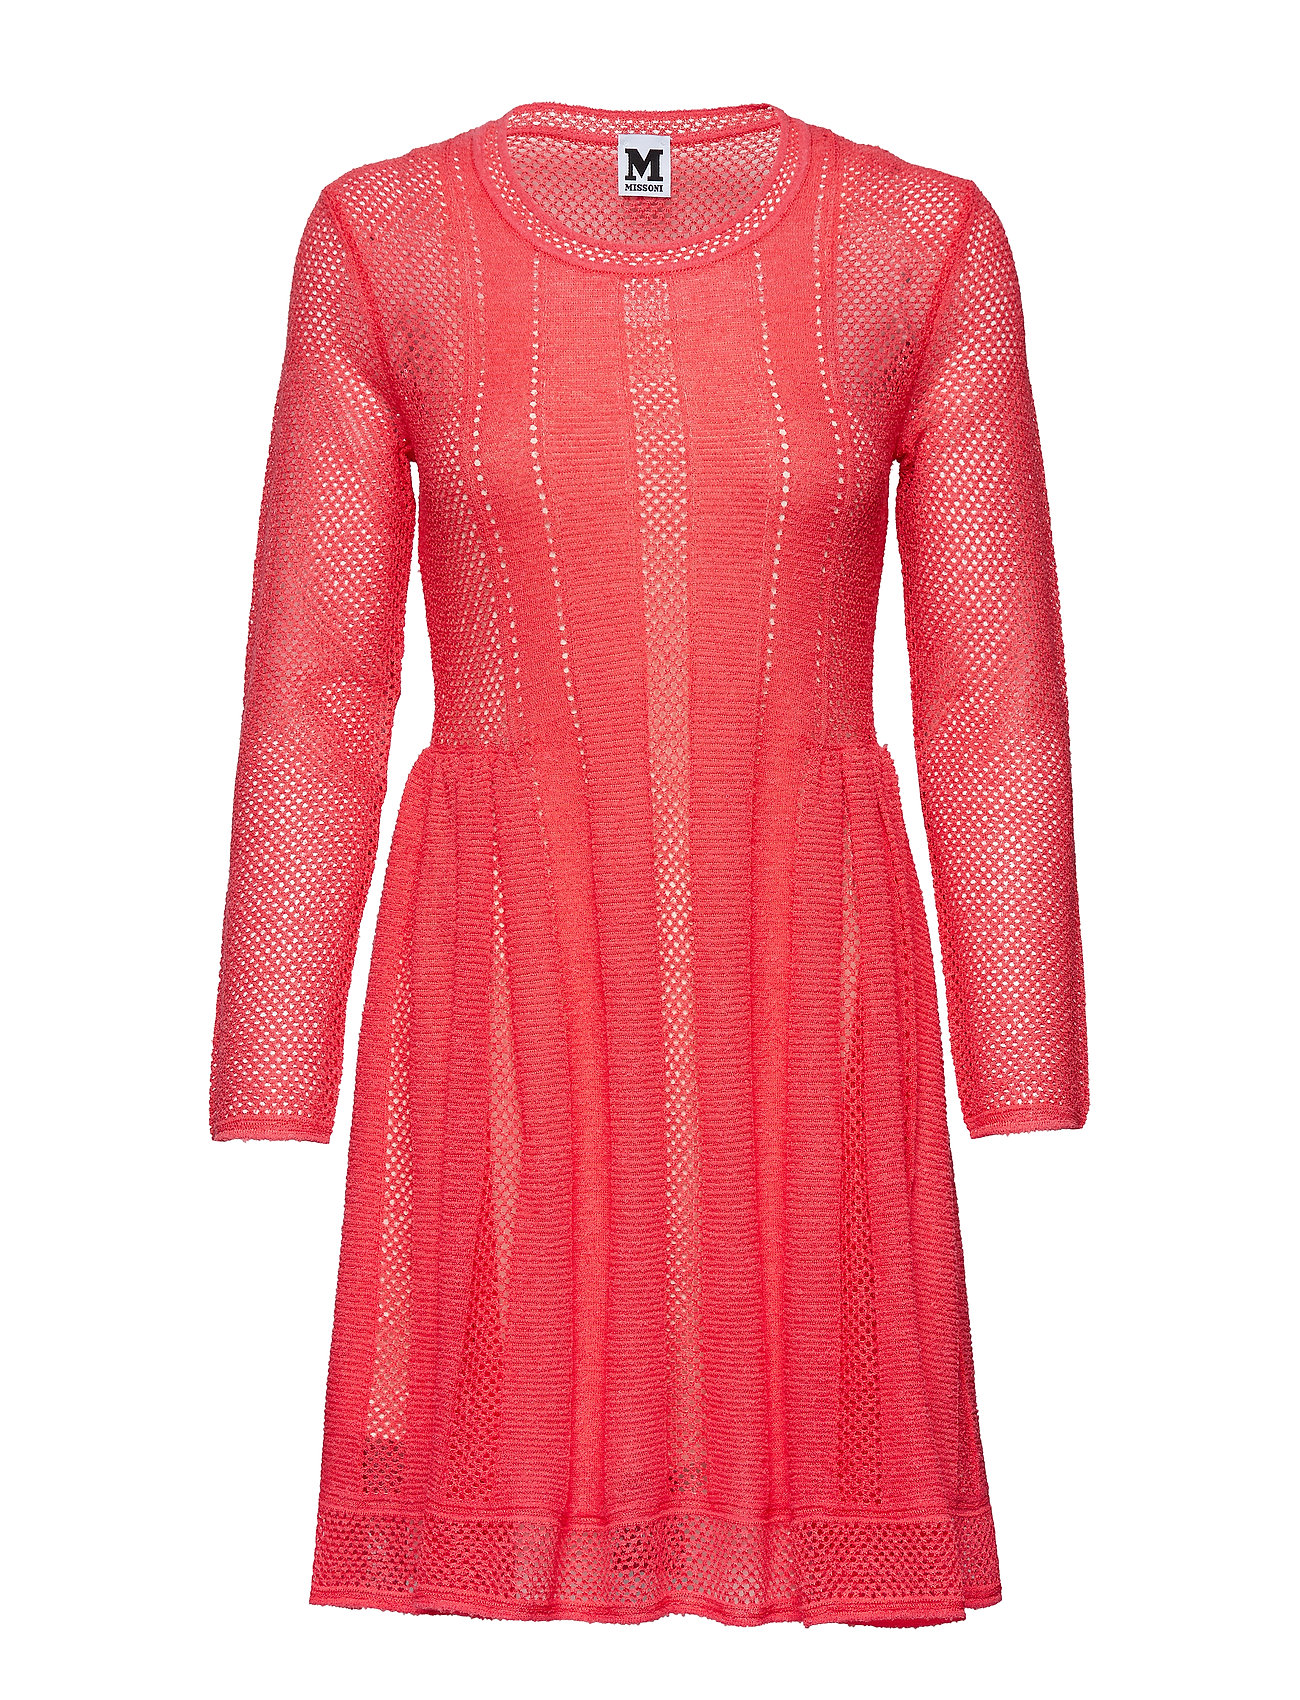 Image of M Missoni-Dress Knælang Kjole Rød M Missoni (3109691413)